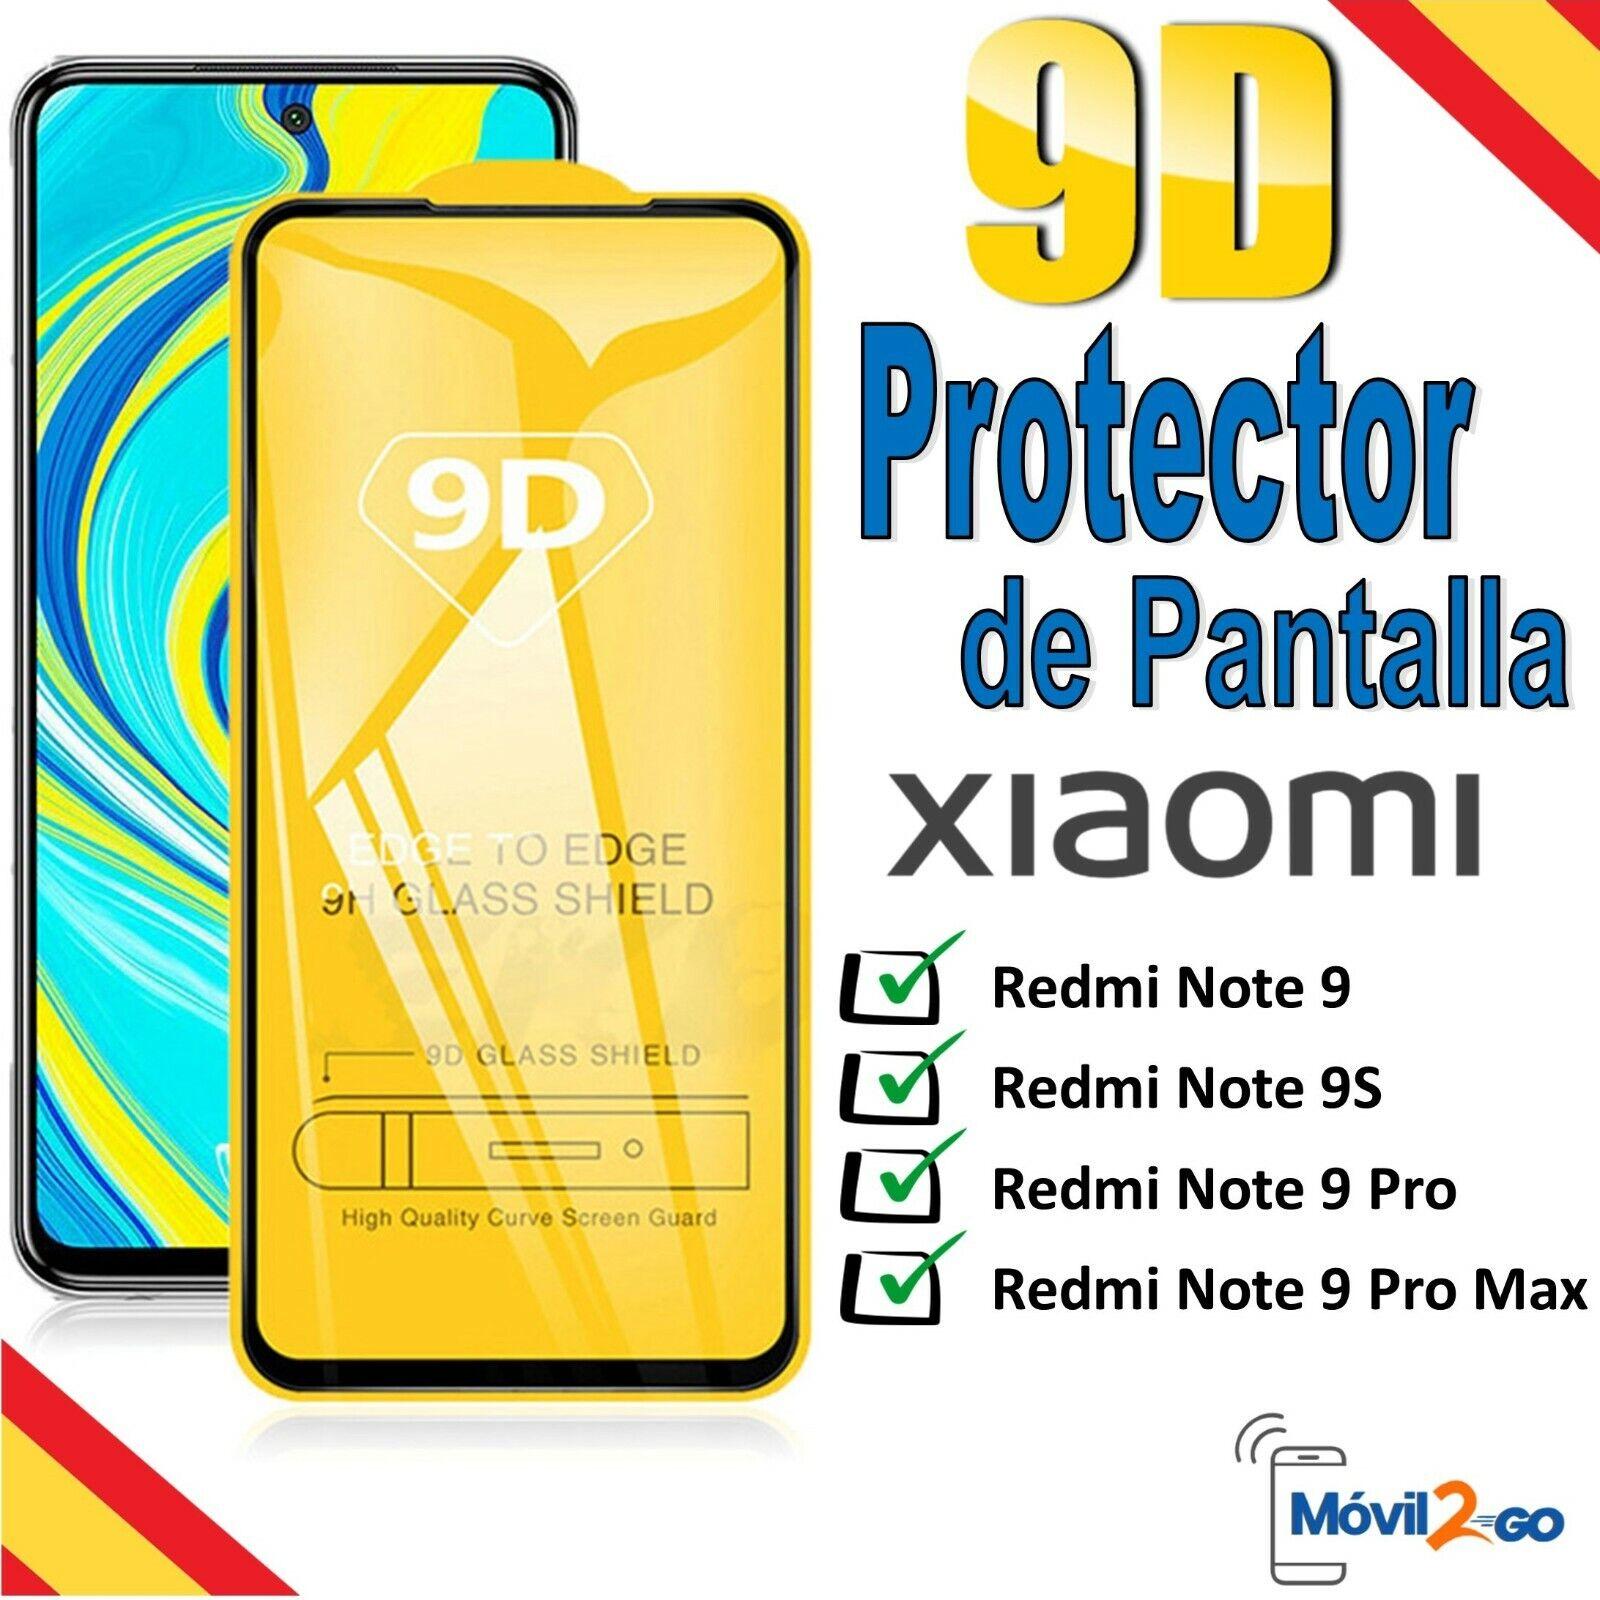 xiaomi: Protector de Pantalla Xiaomi Redmi Note 9 / 9S / 9 Pro / Max Cristal Templado 9D